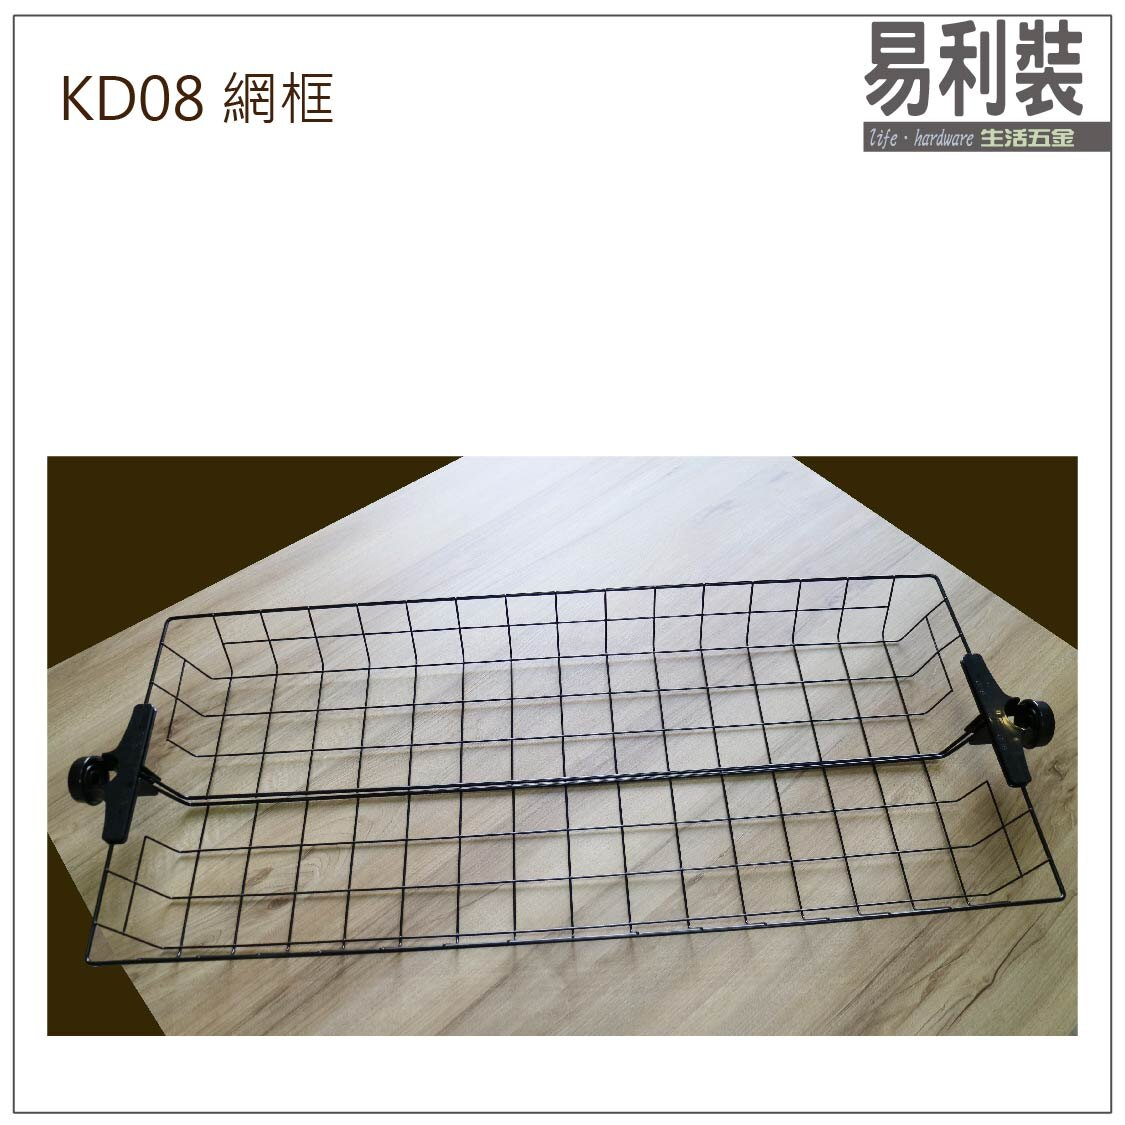 KD08 頂天立地組合配件 易利裝生活五金 網框 衣架 收納架 置物架 免鑽孔 免釘